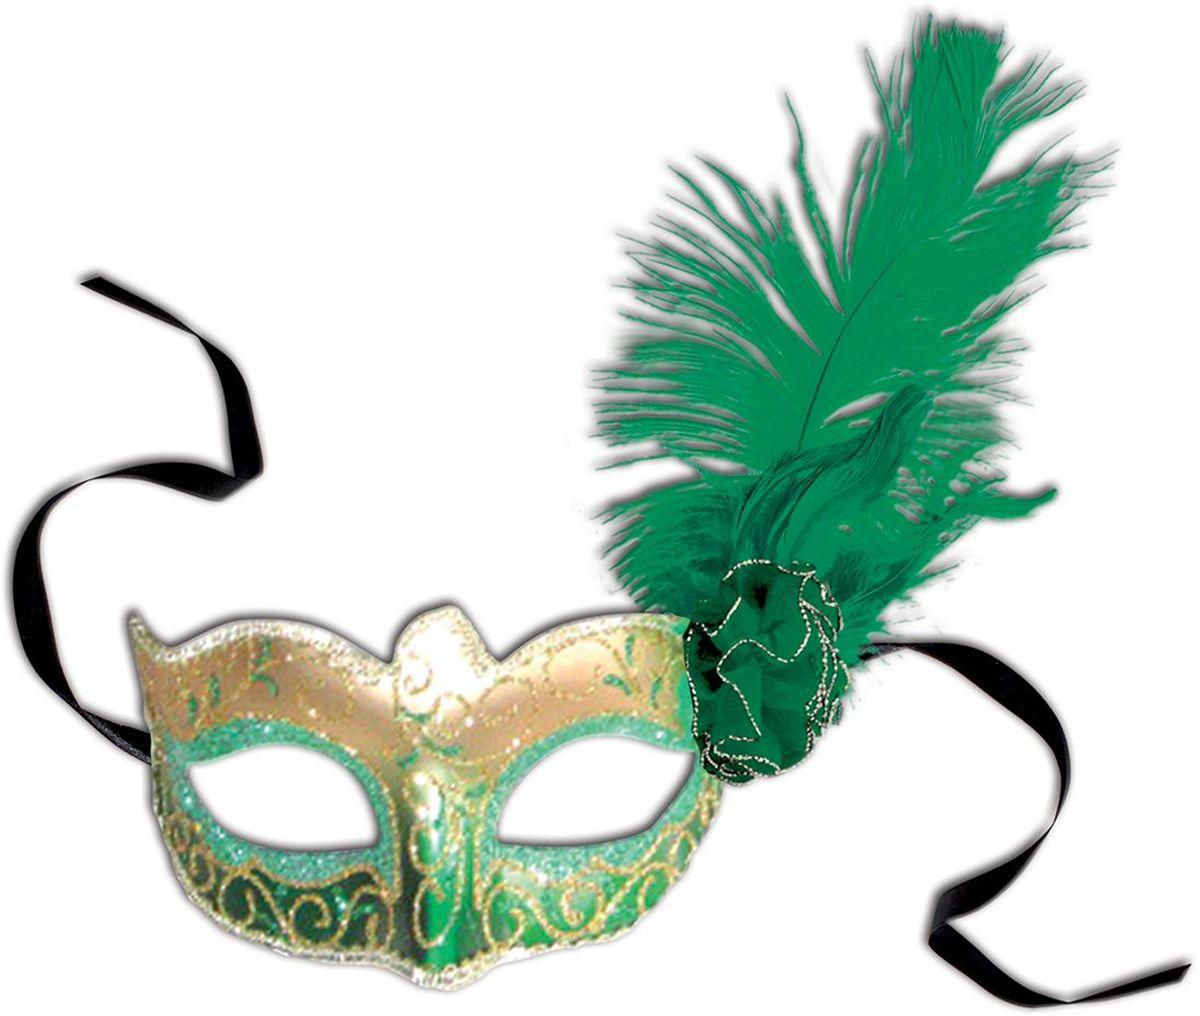 Partymania Венецианская маска Карнавал T1217 цвет зелено-золотаяT1217_зелено-золотаяИзделие развлекательного характера. Очень элегантная и изысканная маска, придаст Вашему образу загадочность и эффектность. Маска крепится с помощью черных атласных лент.